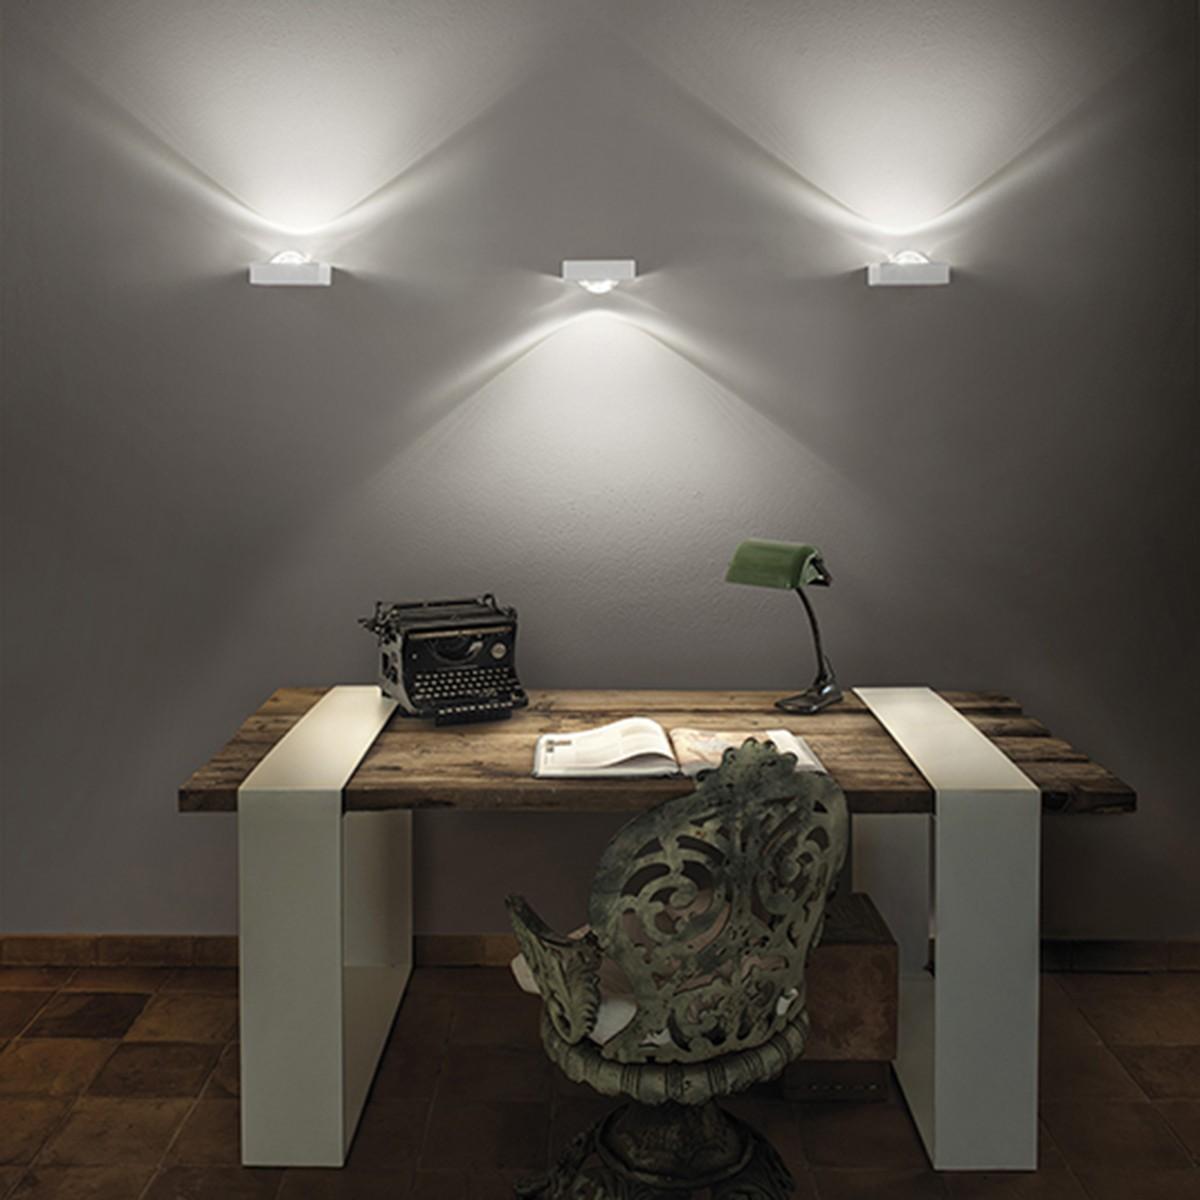 Studio Italia Design Shelf Single Wandleuchte, 2700° K, weiß matt